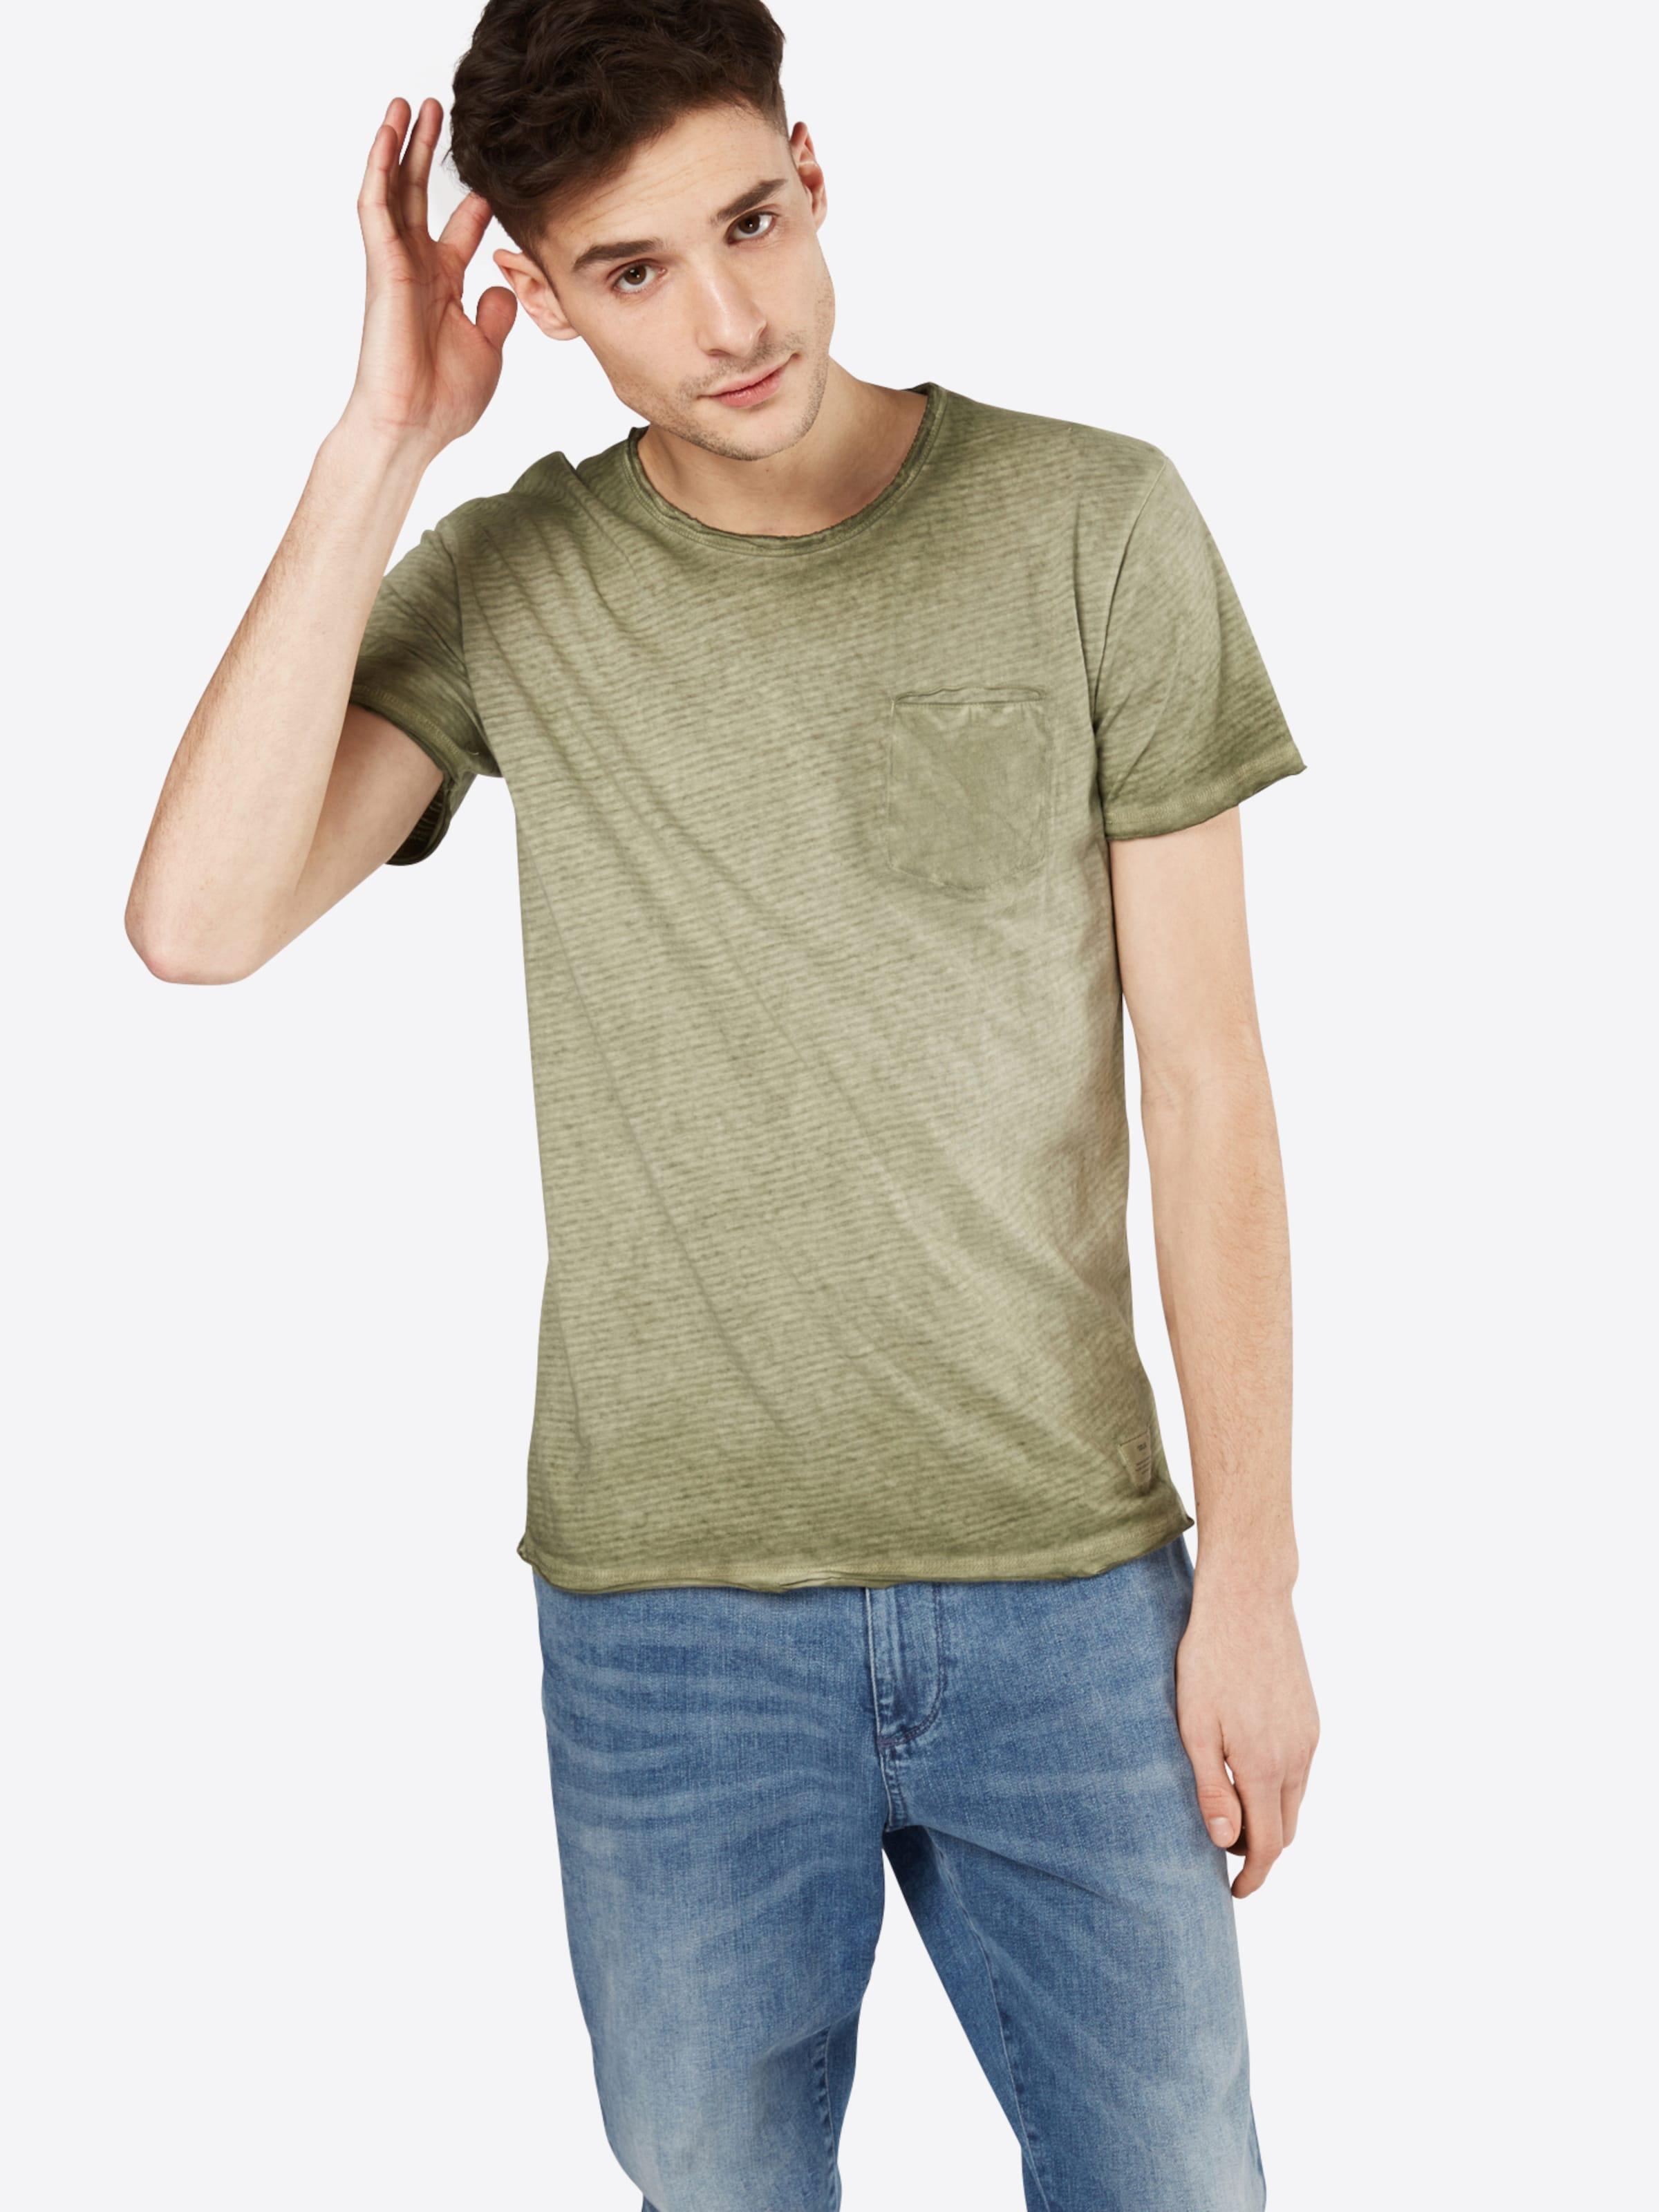 Billig Holen Eine Beste Erscheinungsdaten Online !Solid T-Shirt 'Melchior' Günstig Kaufen Kostengünstig Günstige Top-Qualität lACiHJ